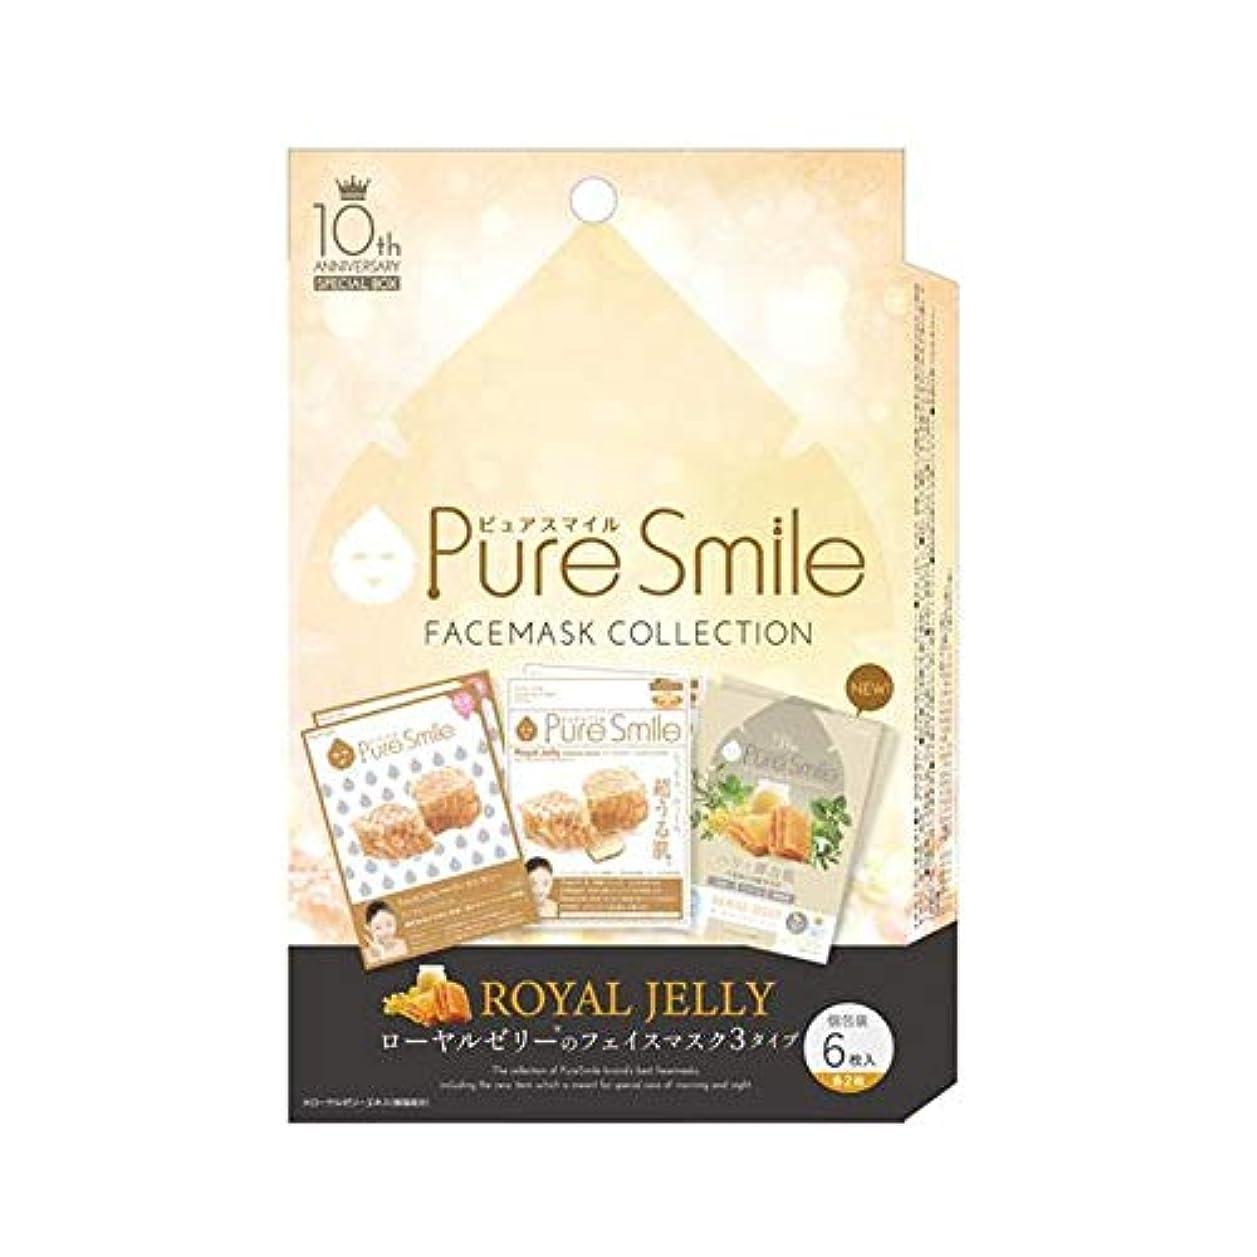 させる年次精通したピュア スマイル Pure Smile 10thアニバーサリー スペシャルボックス ローヤルゼリーエキス 6枚入り